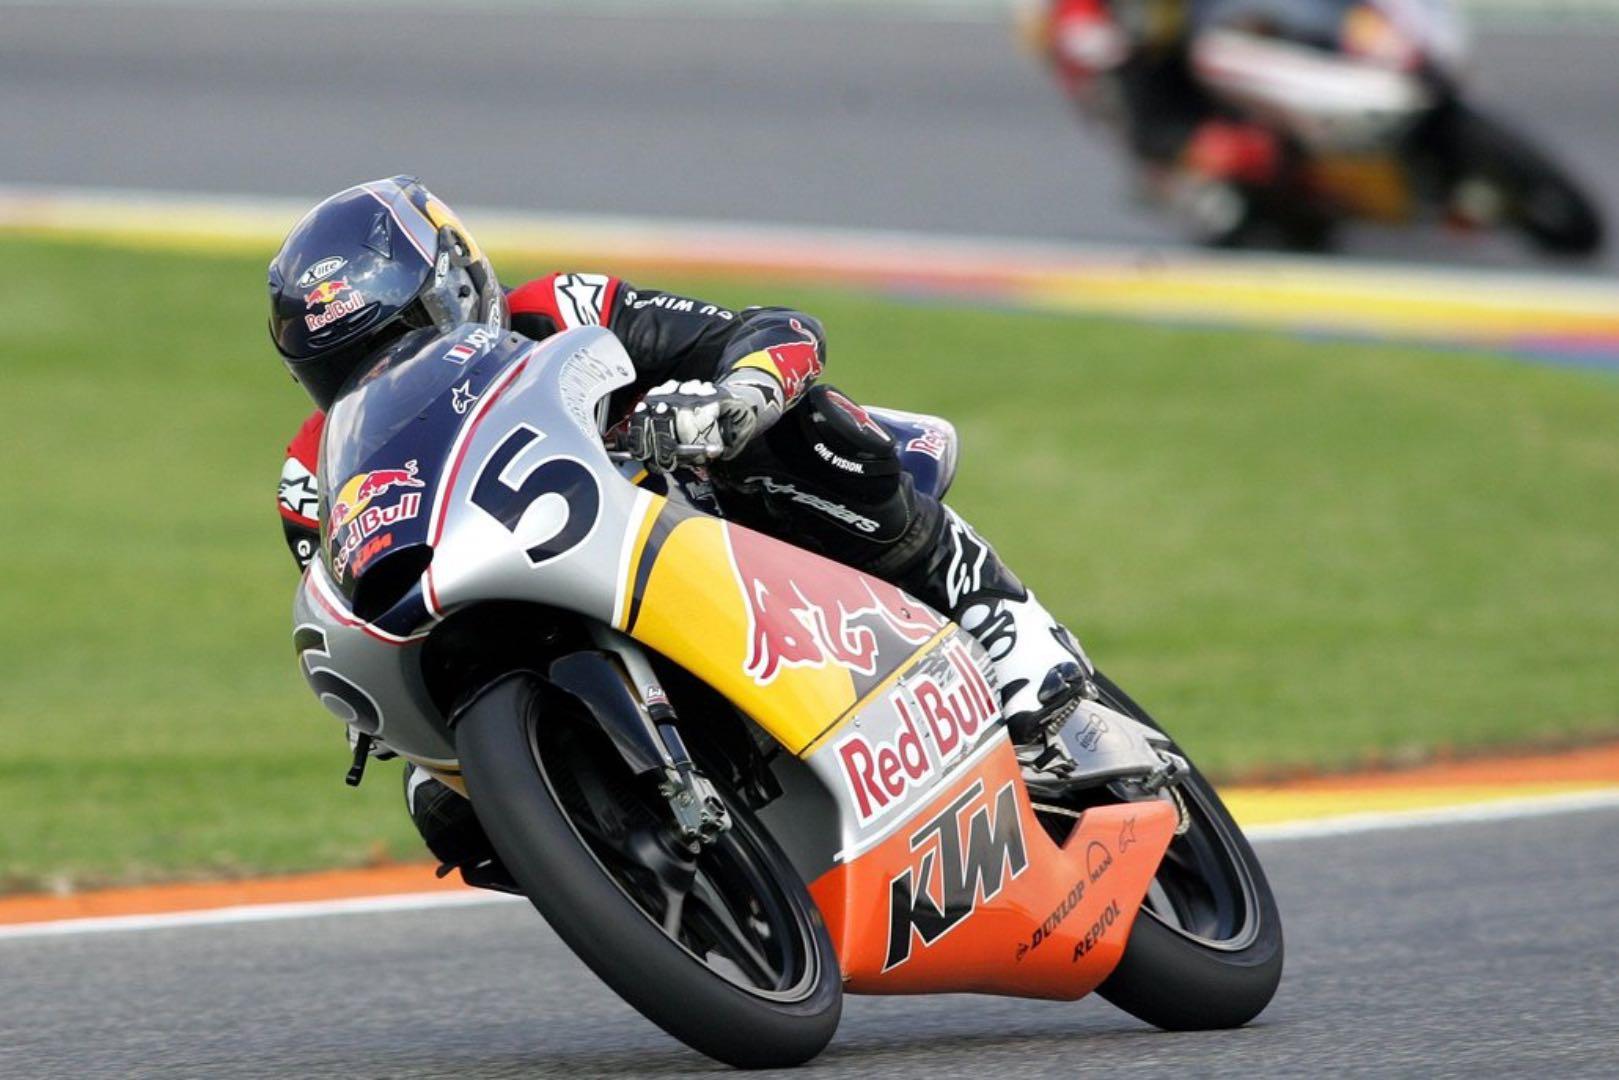 Johann Zarco Joins Red Bull KTM for 2019 MotoGP